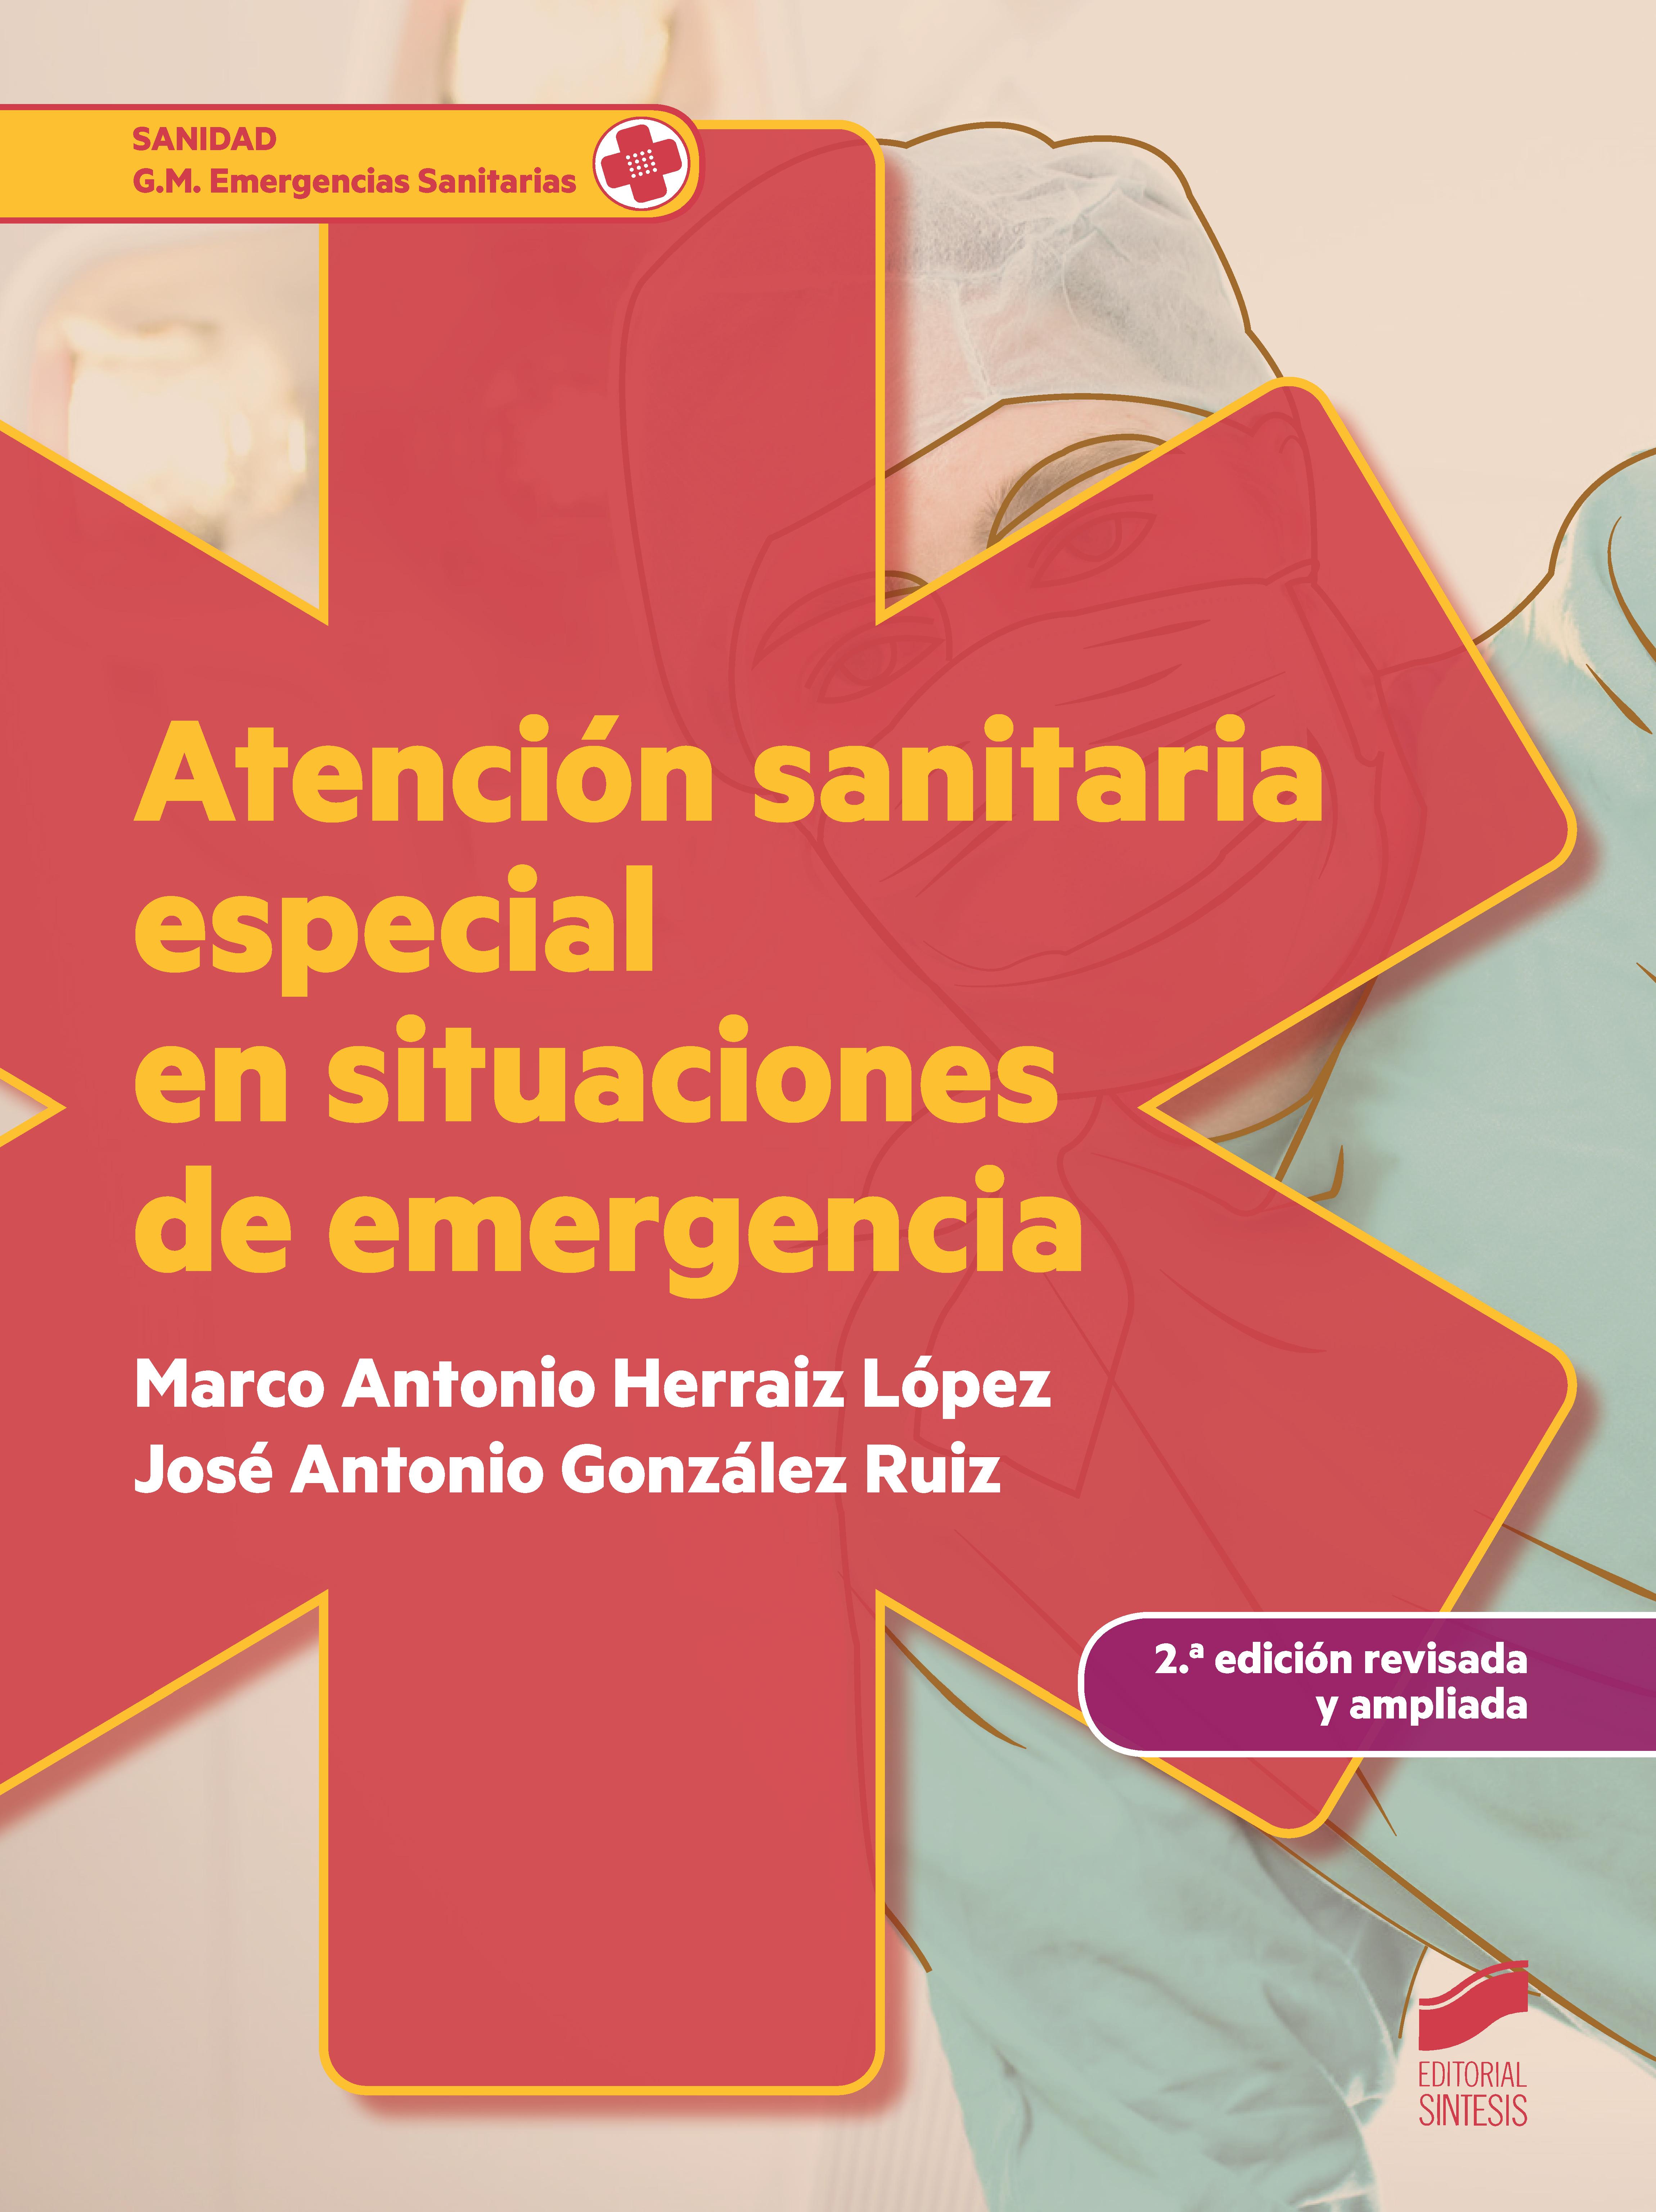 Atención sanitaria especial en situaciones de emergencia (2. ed. revisada y ampliada)